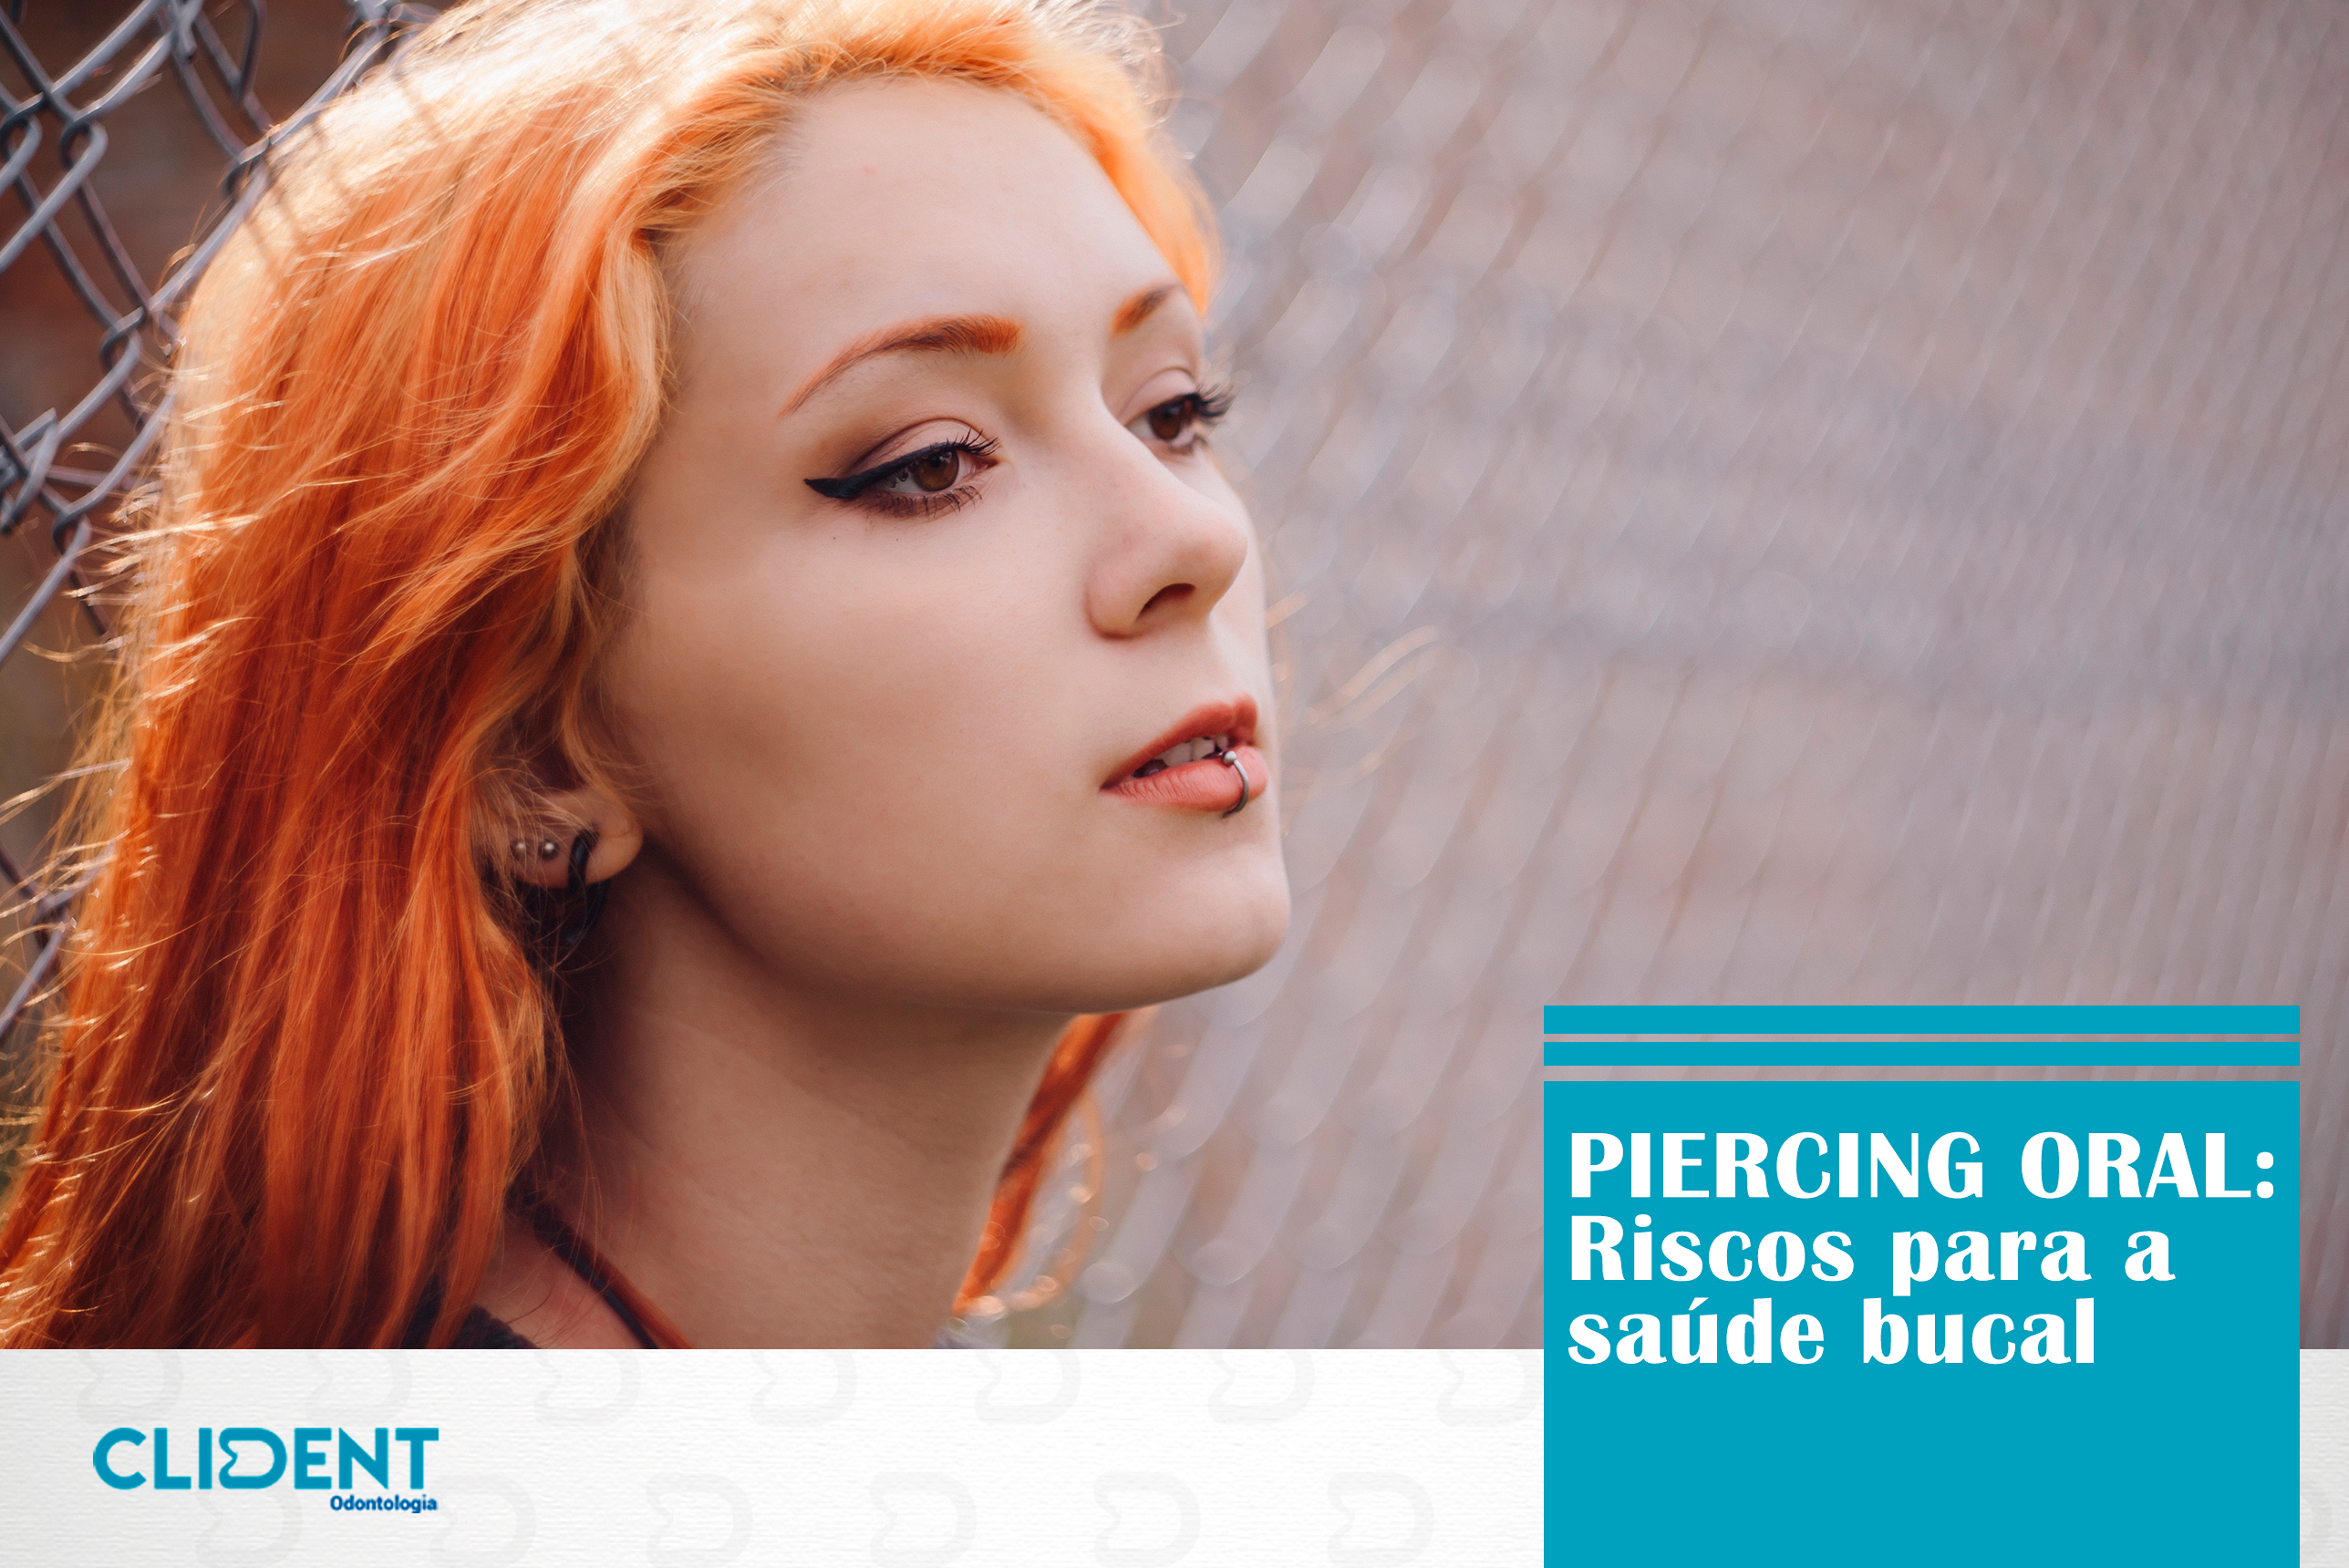 Riscos do piercing oral para a saúde bucal